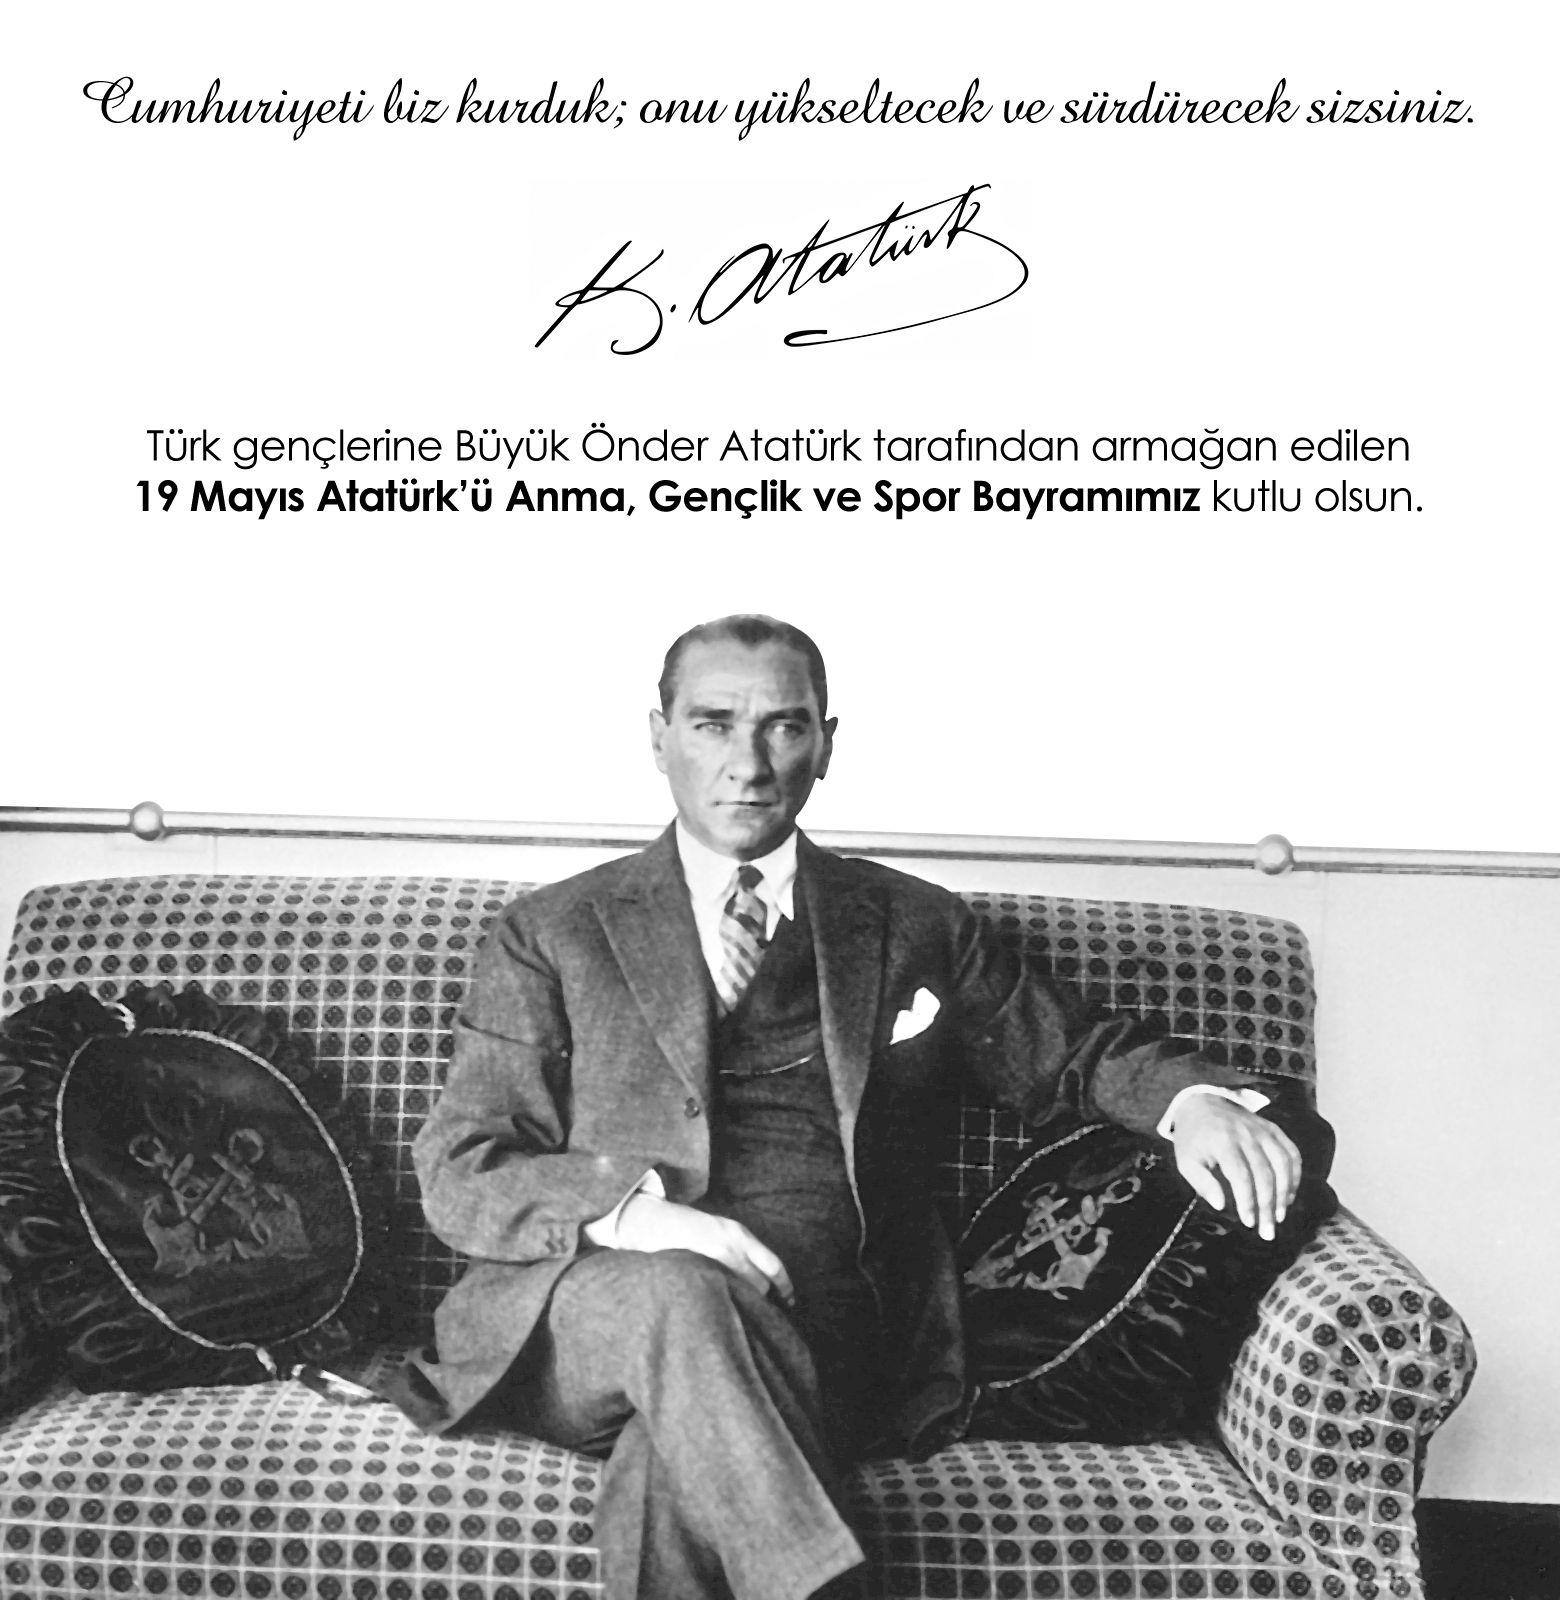 Bu anlamlı bayramı Türk Gençliğine armağan eden Ulu Önder Atatürk'ü sevgi ve minnetle anıyoruz.